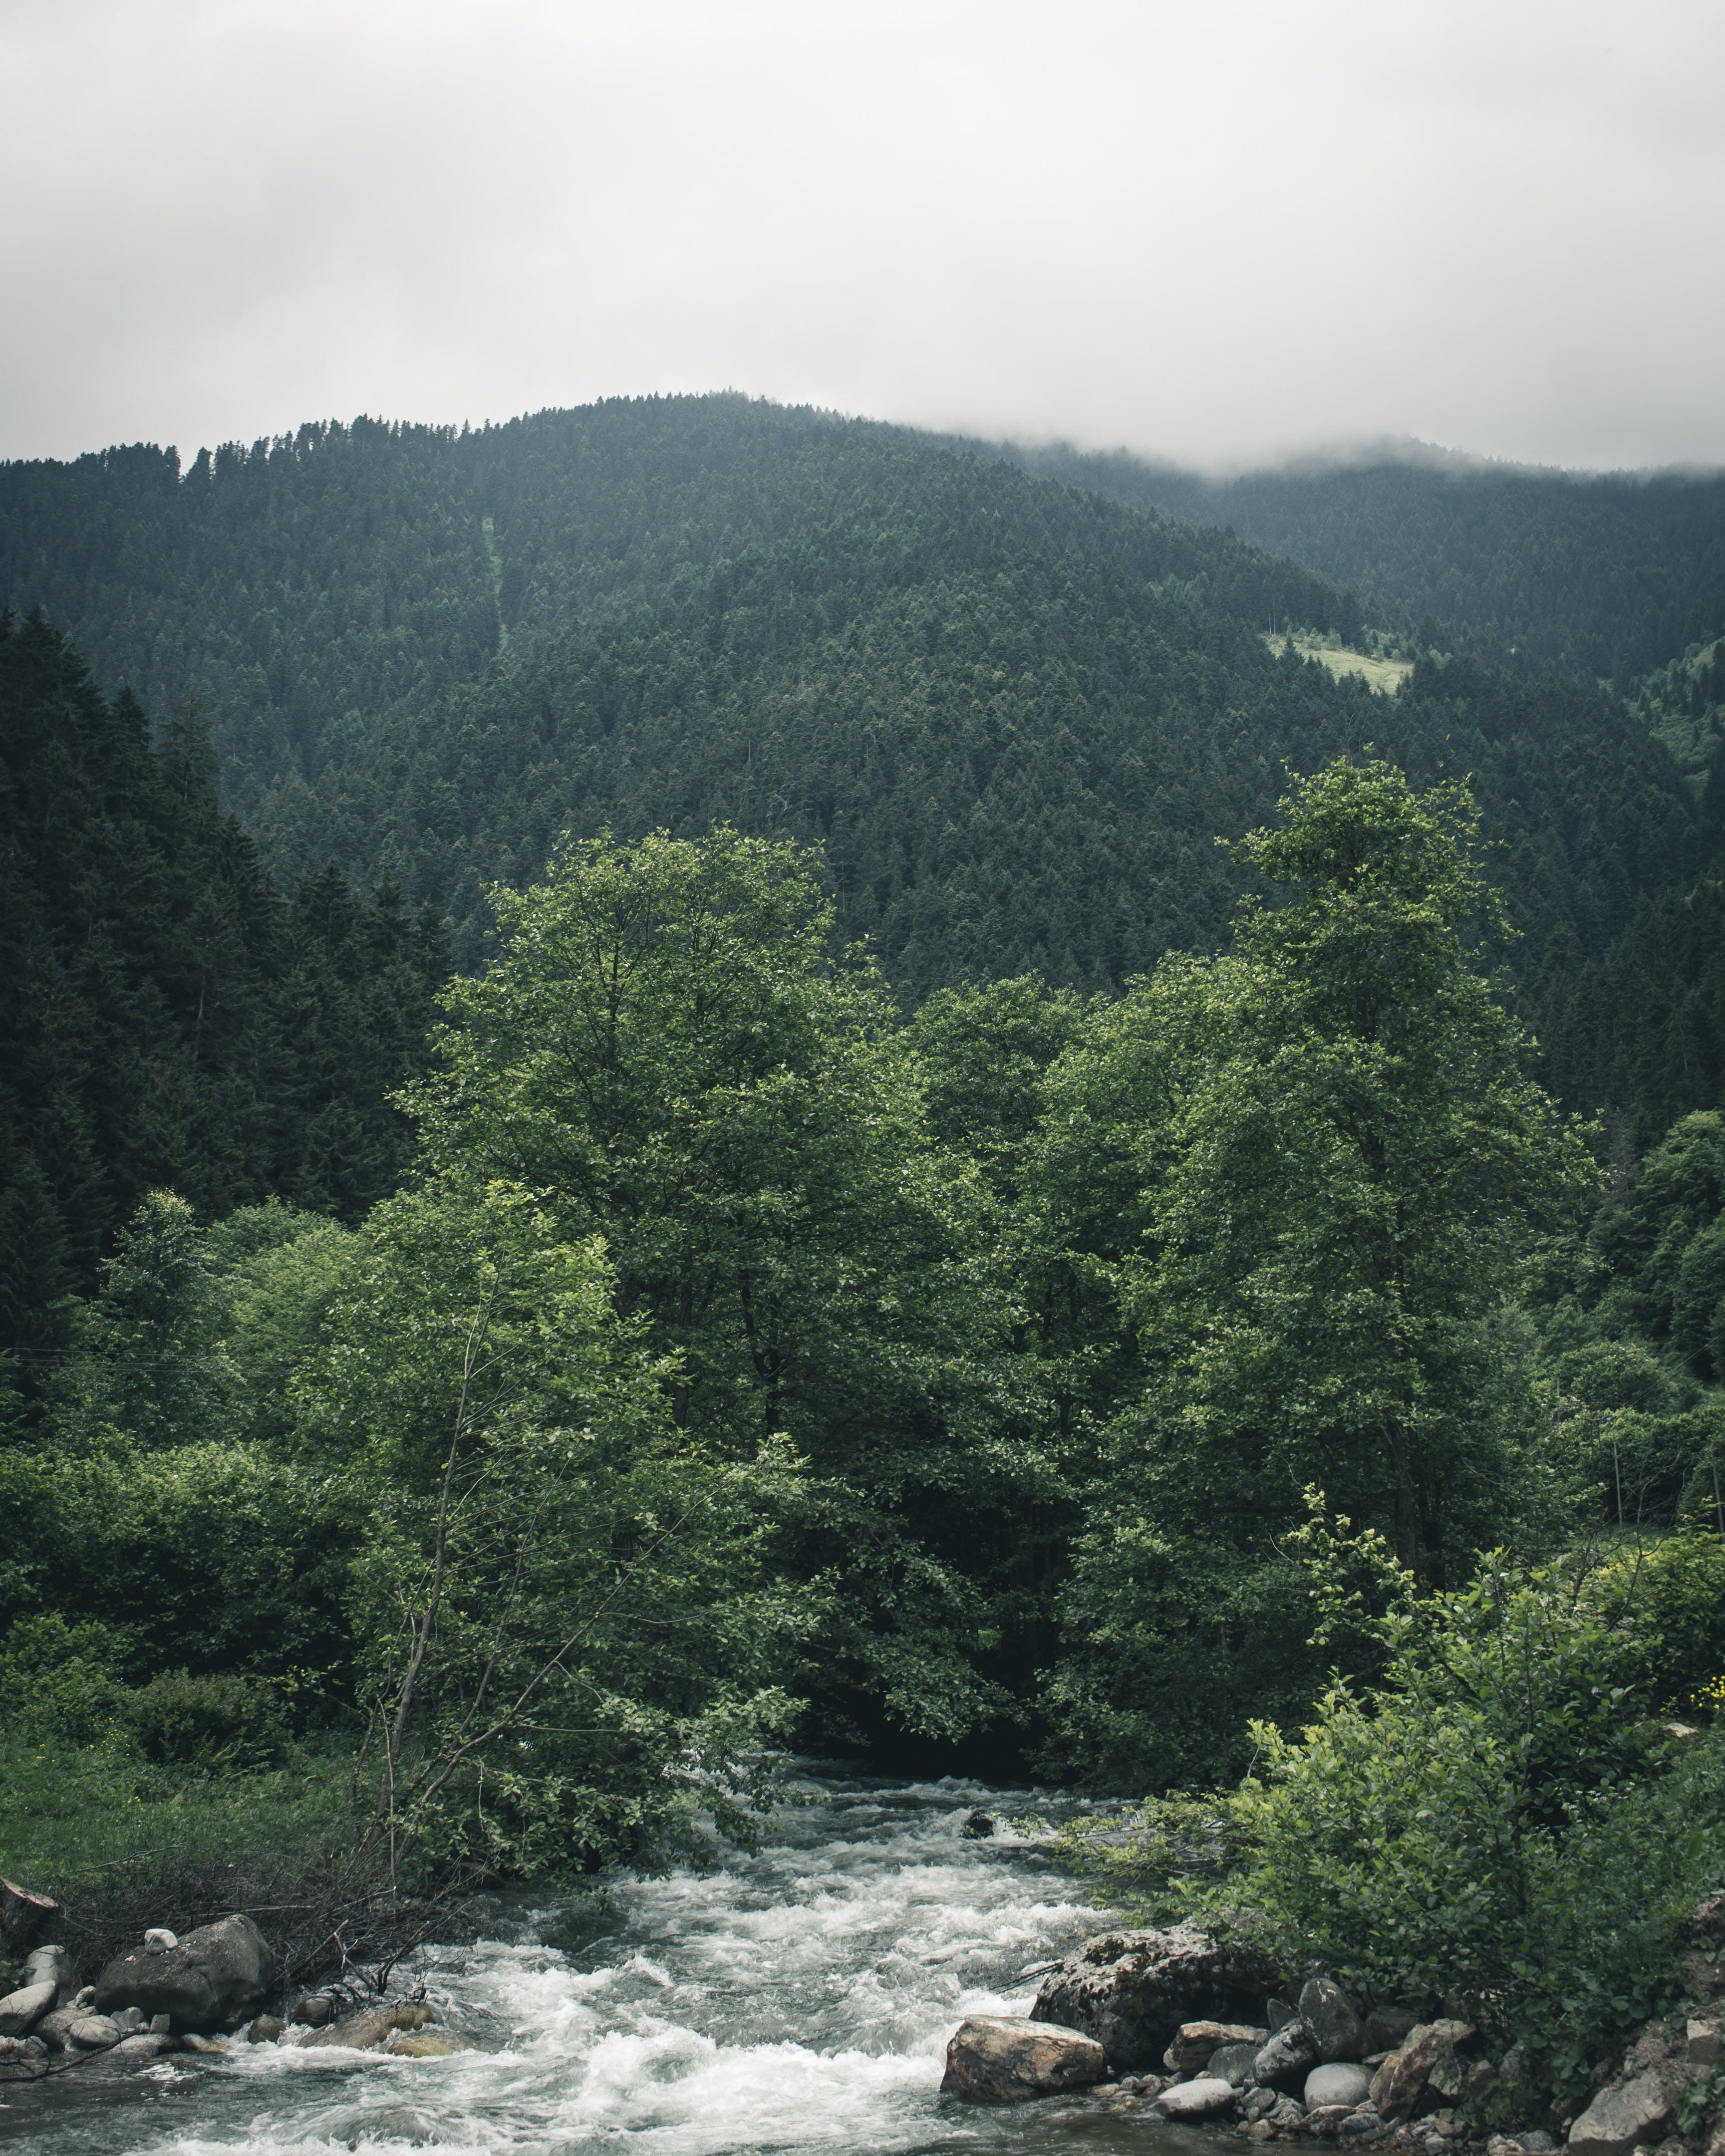 Δωρεάν στοκ φωτογραφιών με βουνό, γραφικός, δέντρα, ομίχλη